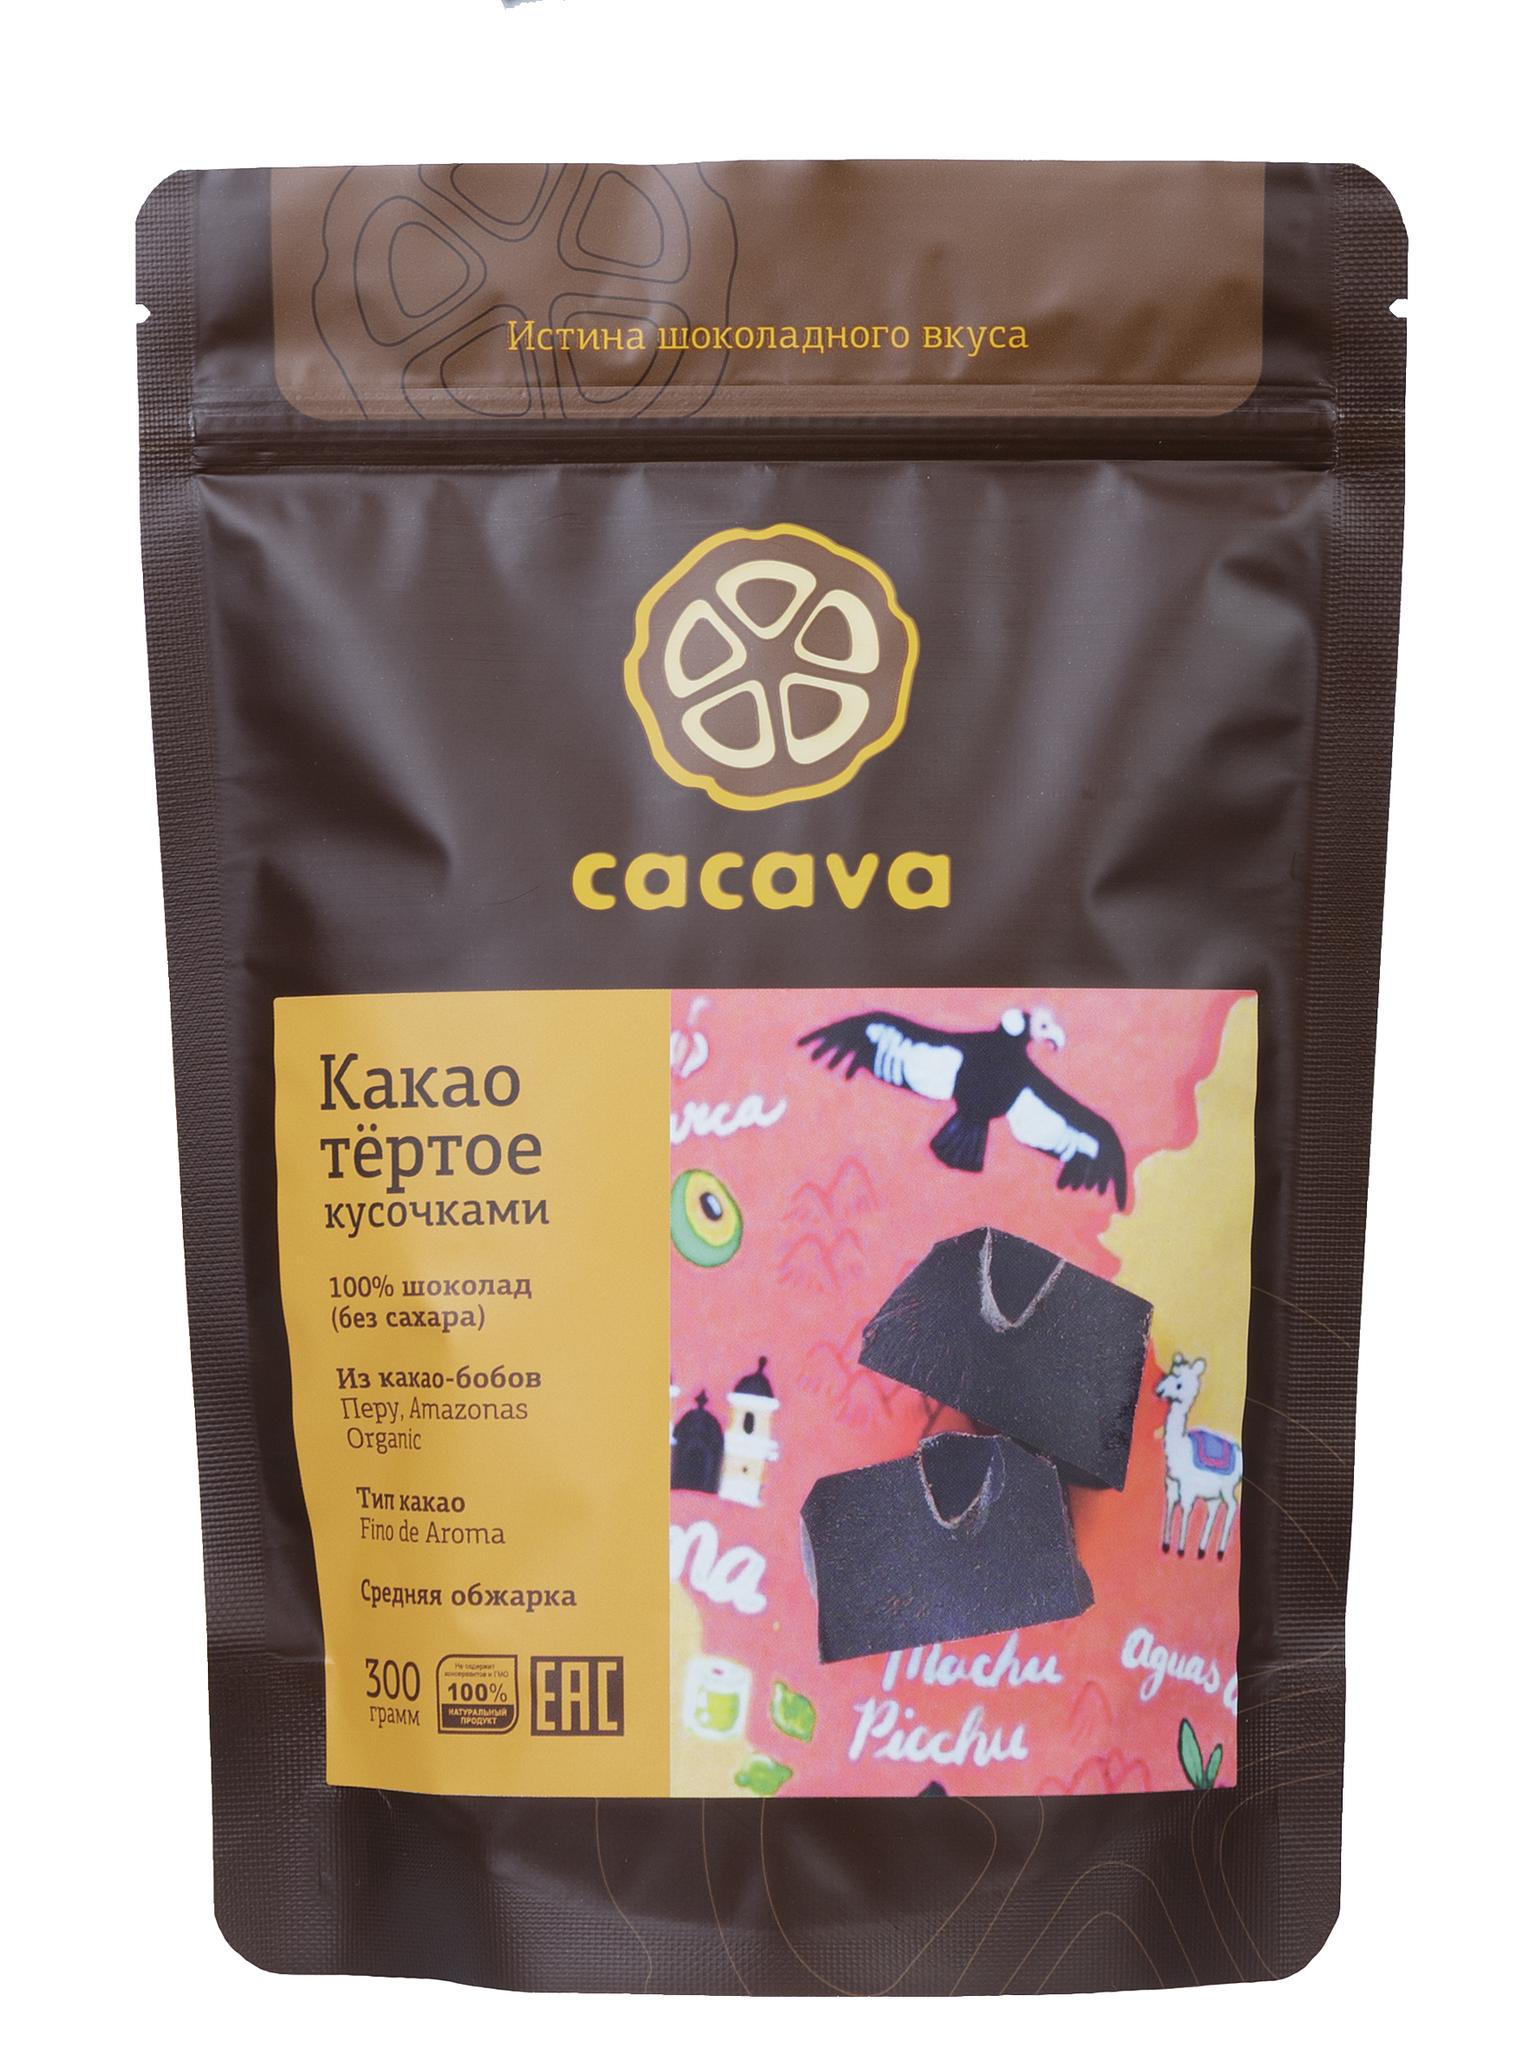 Какао тёртое кусочками (Перу, Amazonas), упаковка 300 грамм